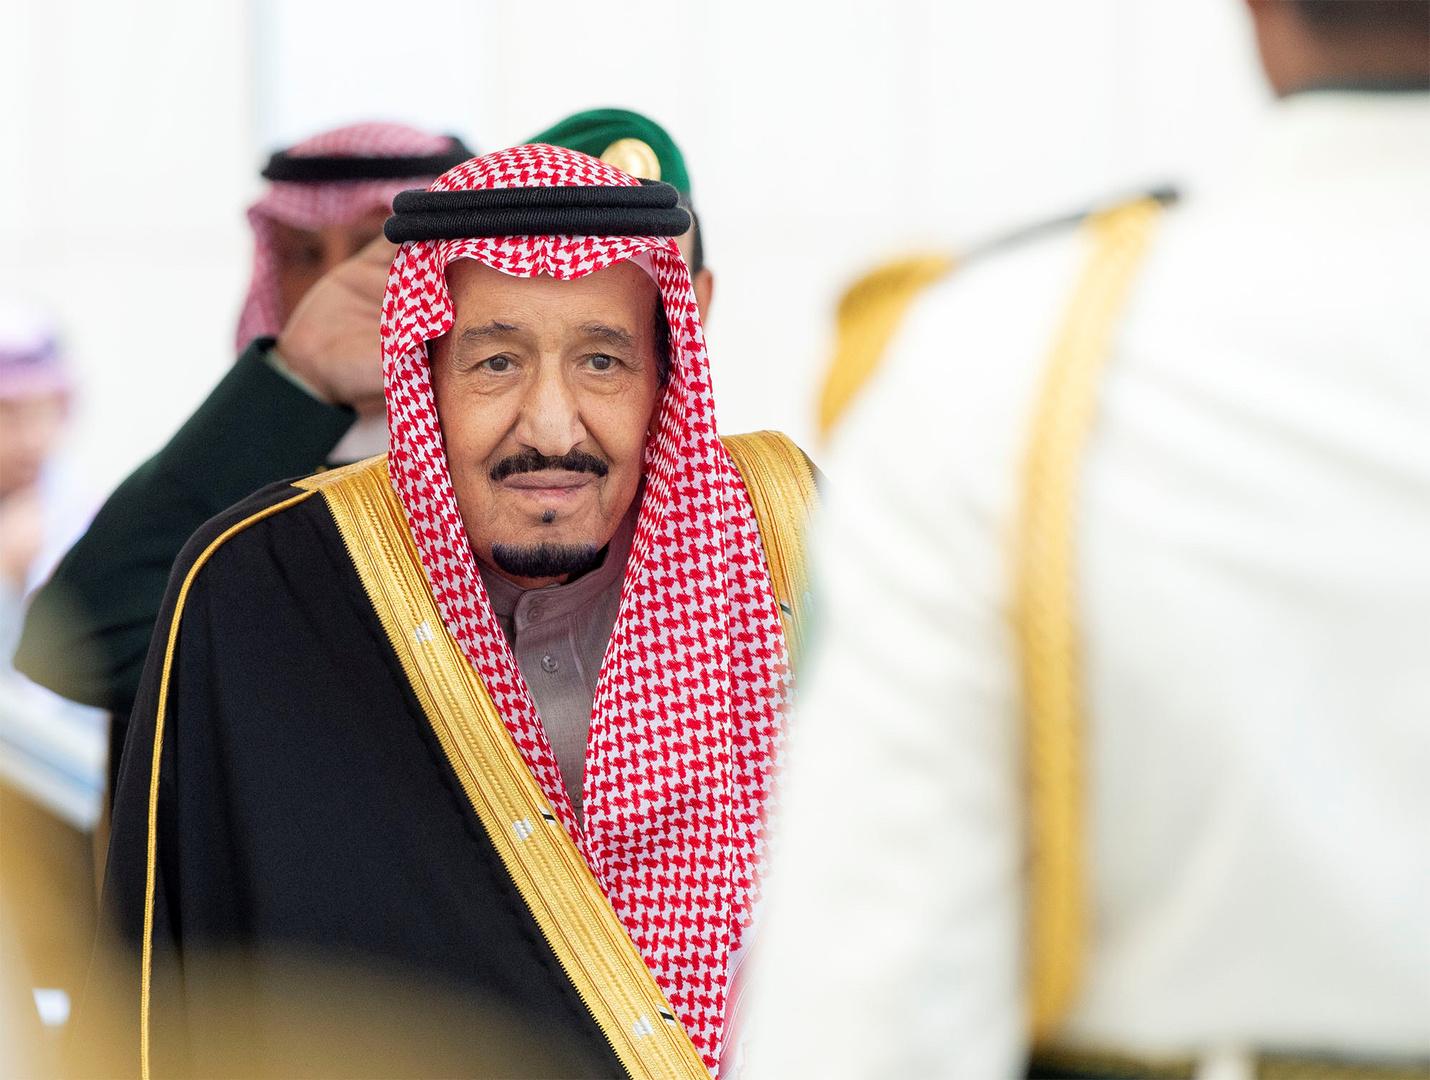 الملك سلمان يتوجه إلى سلطنة عمان ومحمد بن سلمان يتولى إدارة شؤون المملكة